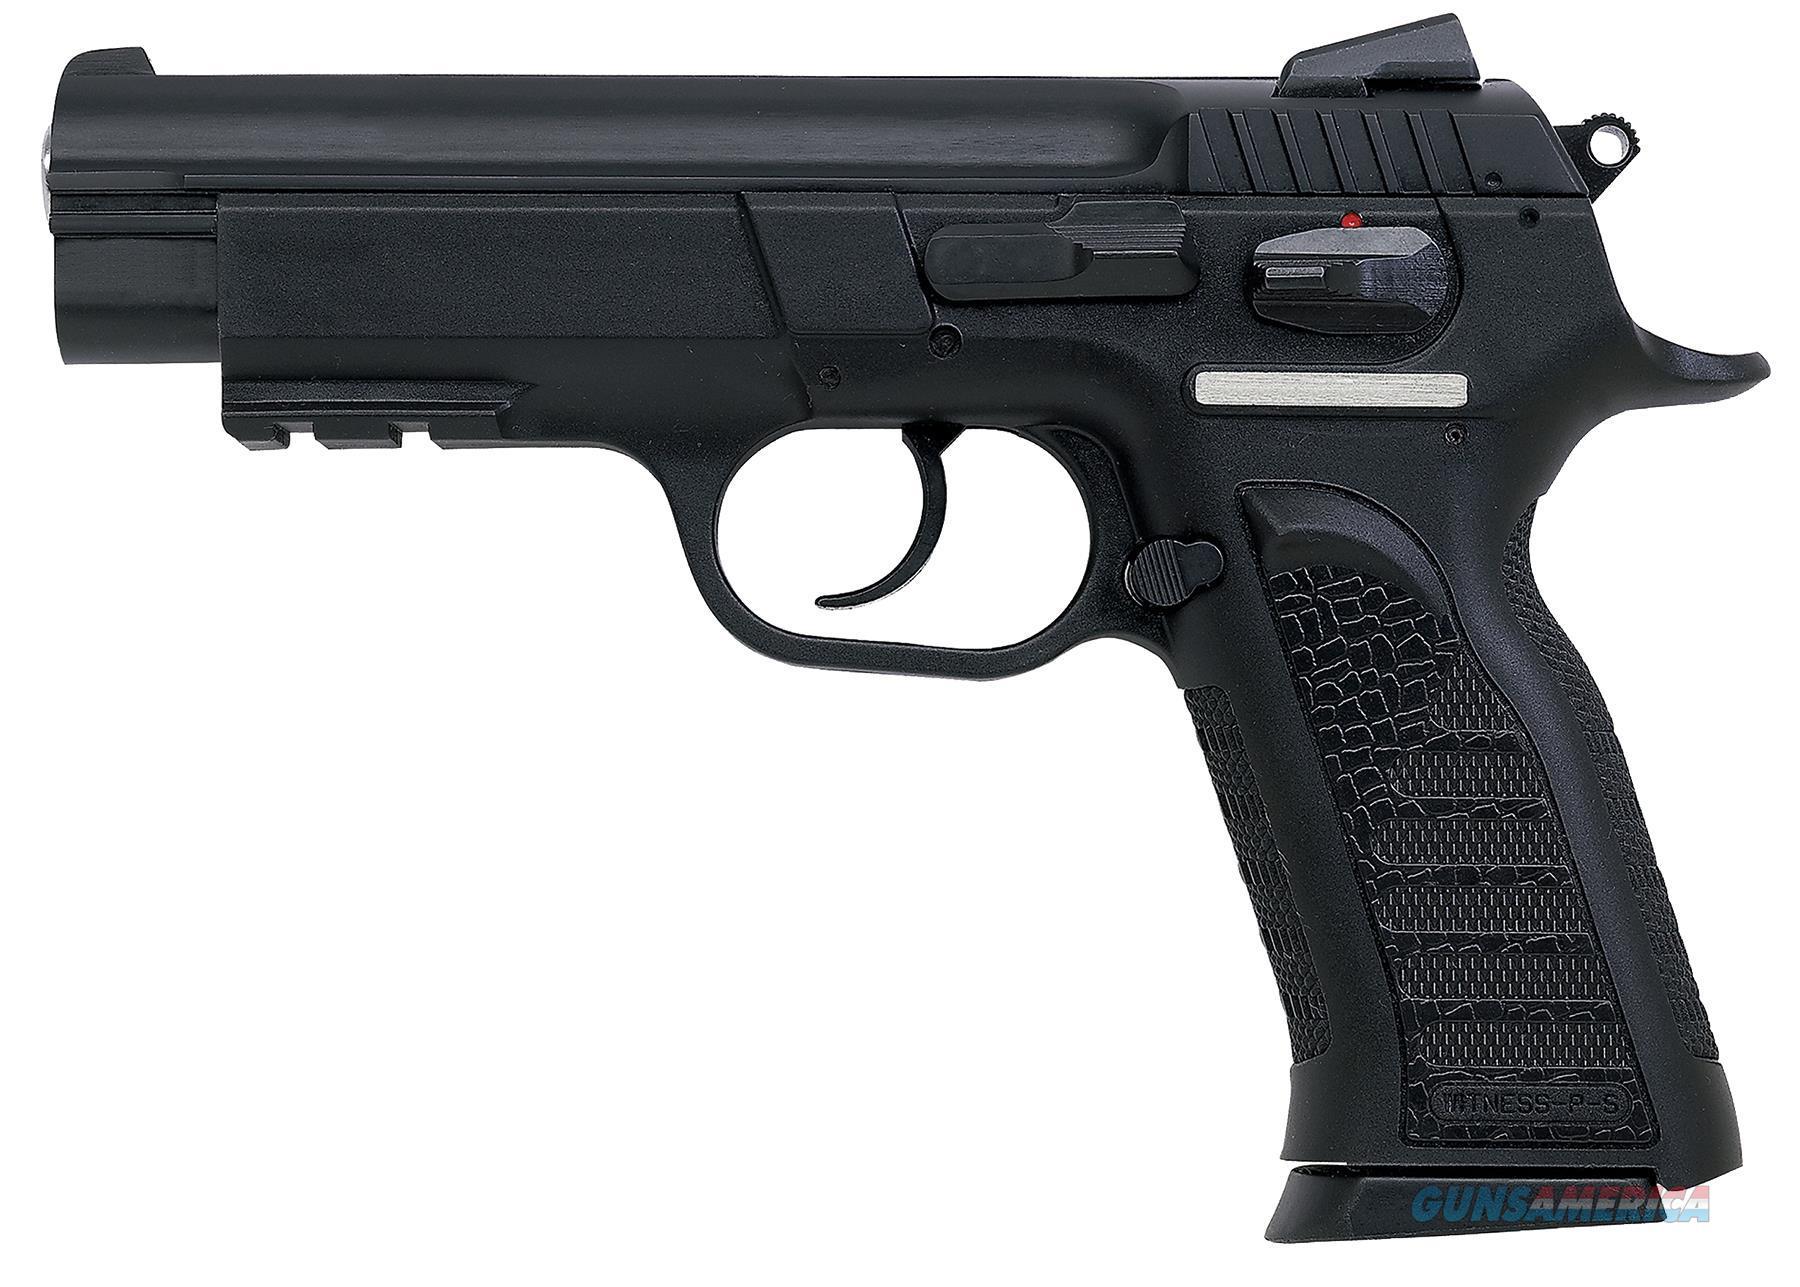 """Eaa 999103 Witness Polymer Full Size 40 S&W 4.5"""" 14+1 Poly Grip/Frame Blk 999103  Guns > Pistols > E Misc Pistols"""